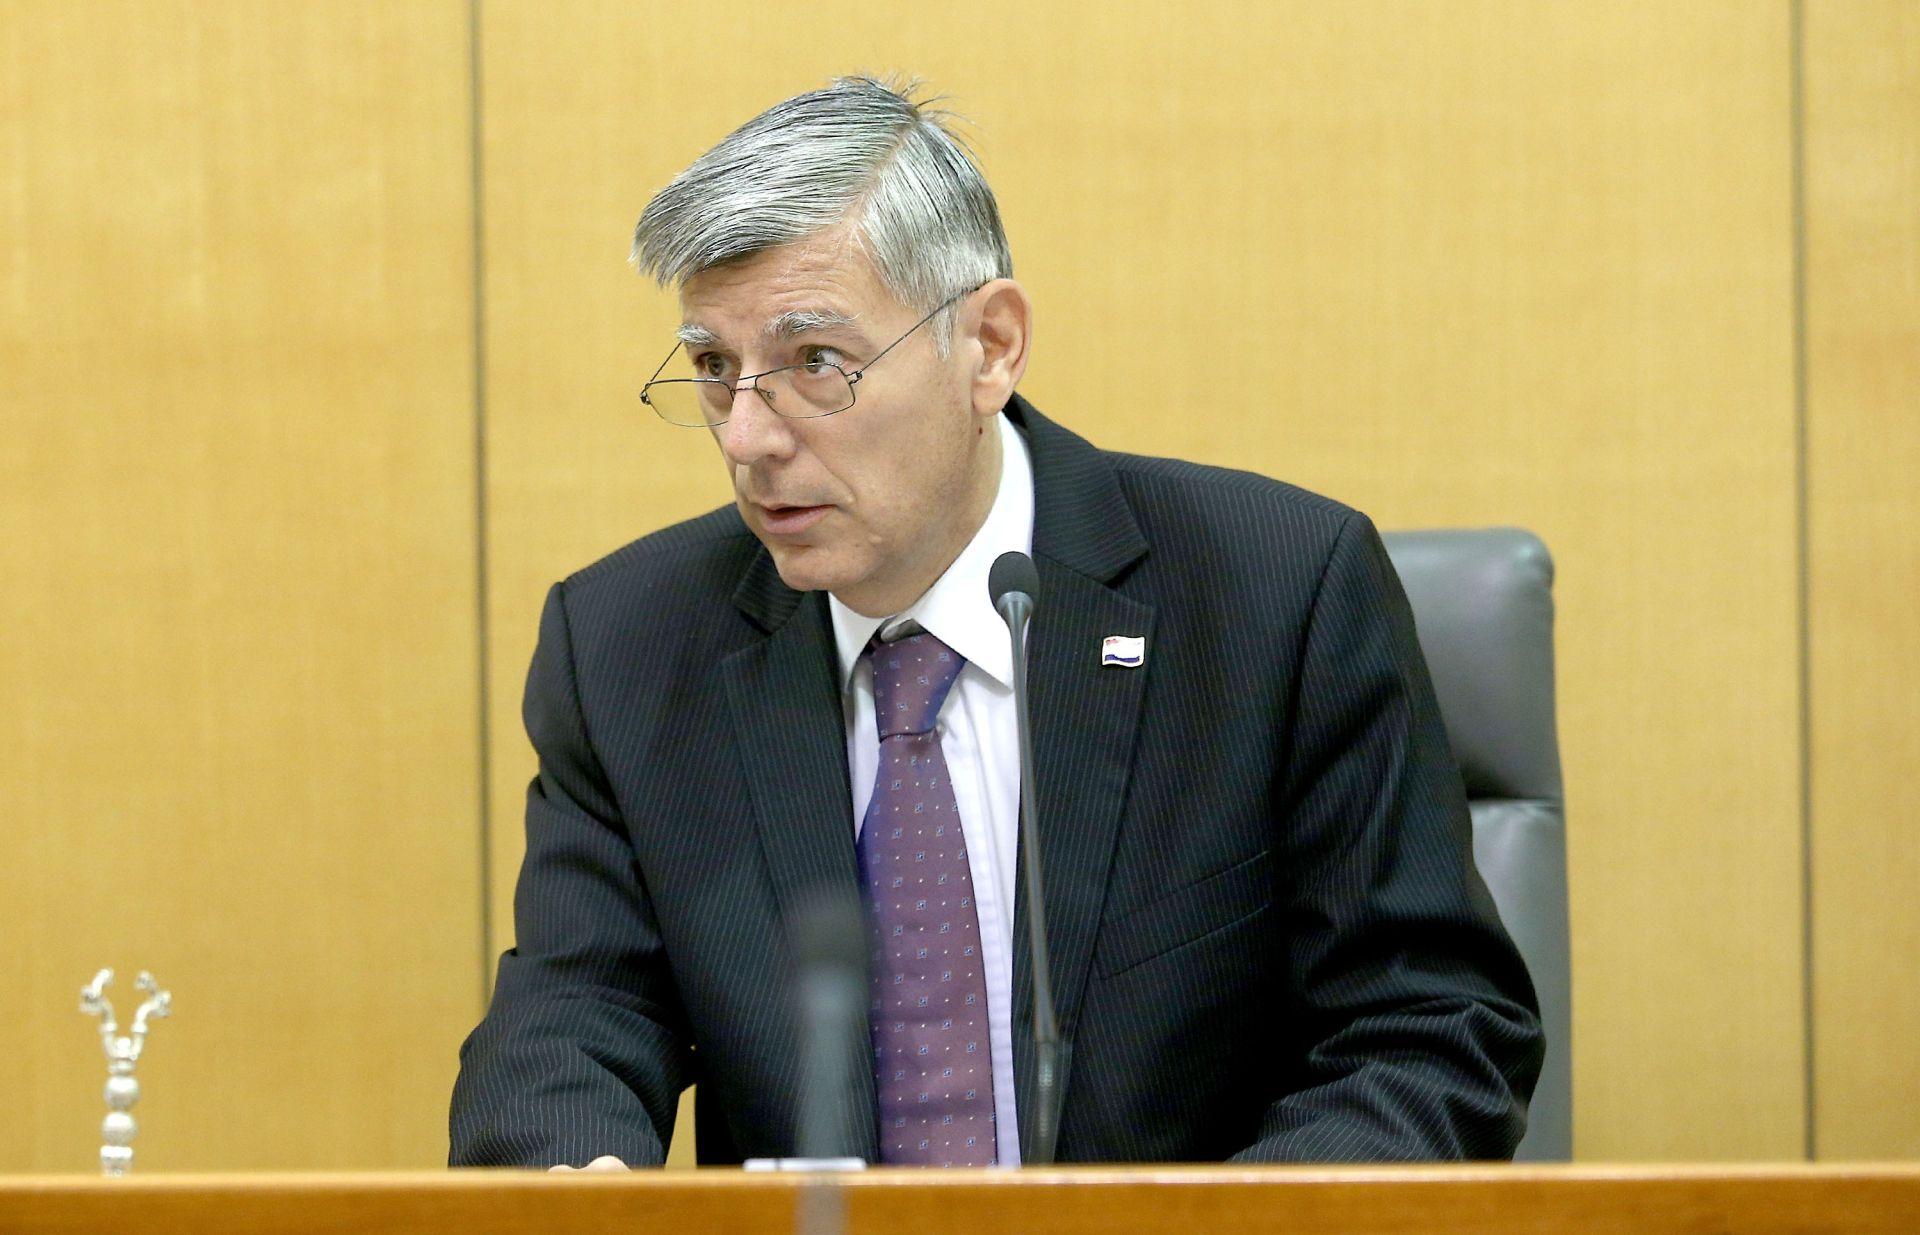 Željko Reiner: Ne znam ništa o tome da će Odbor za unutarnju politiku saslušati Lozančića